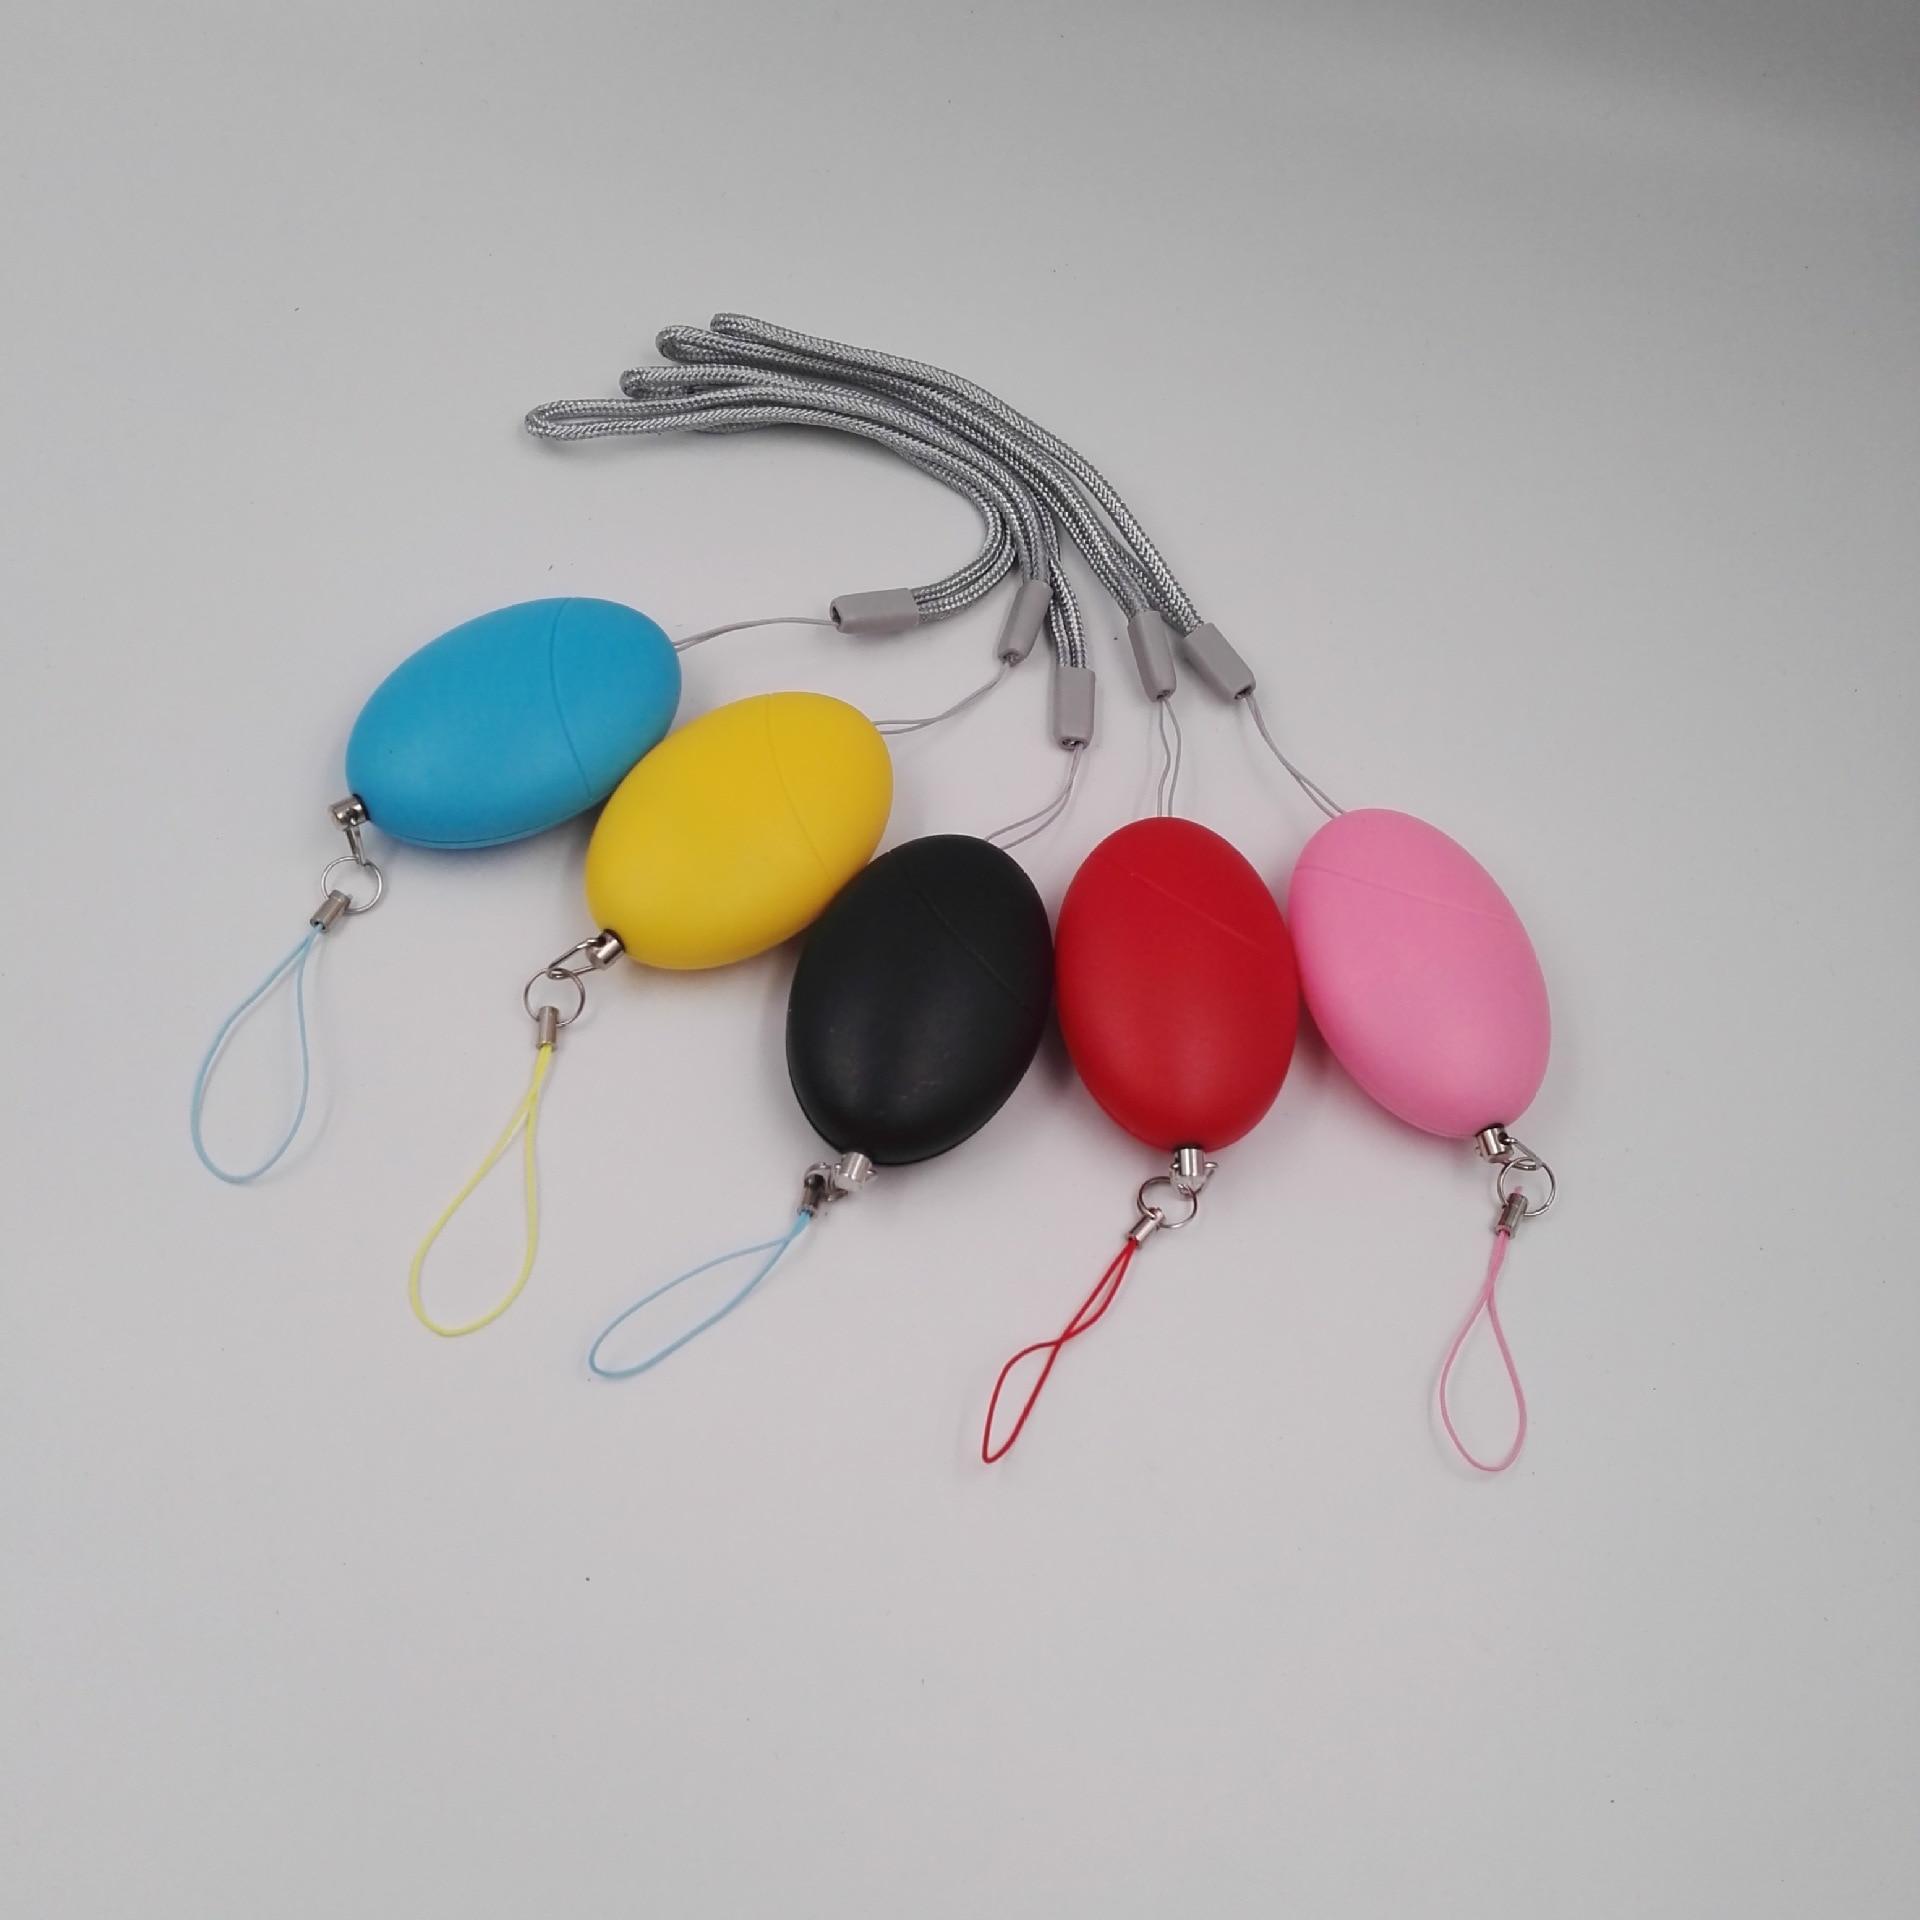 Alarma de autodefensa Exyns 120dB con forma de huevo, alarma de sirena de emergencia portátil de seguridad Personal antiviolación